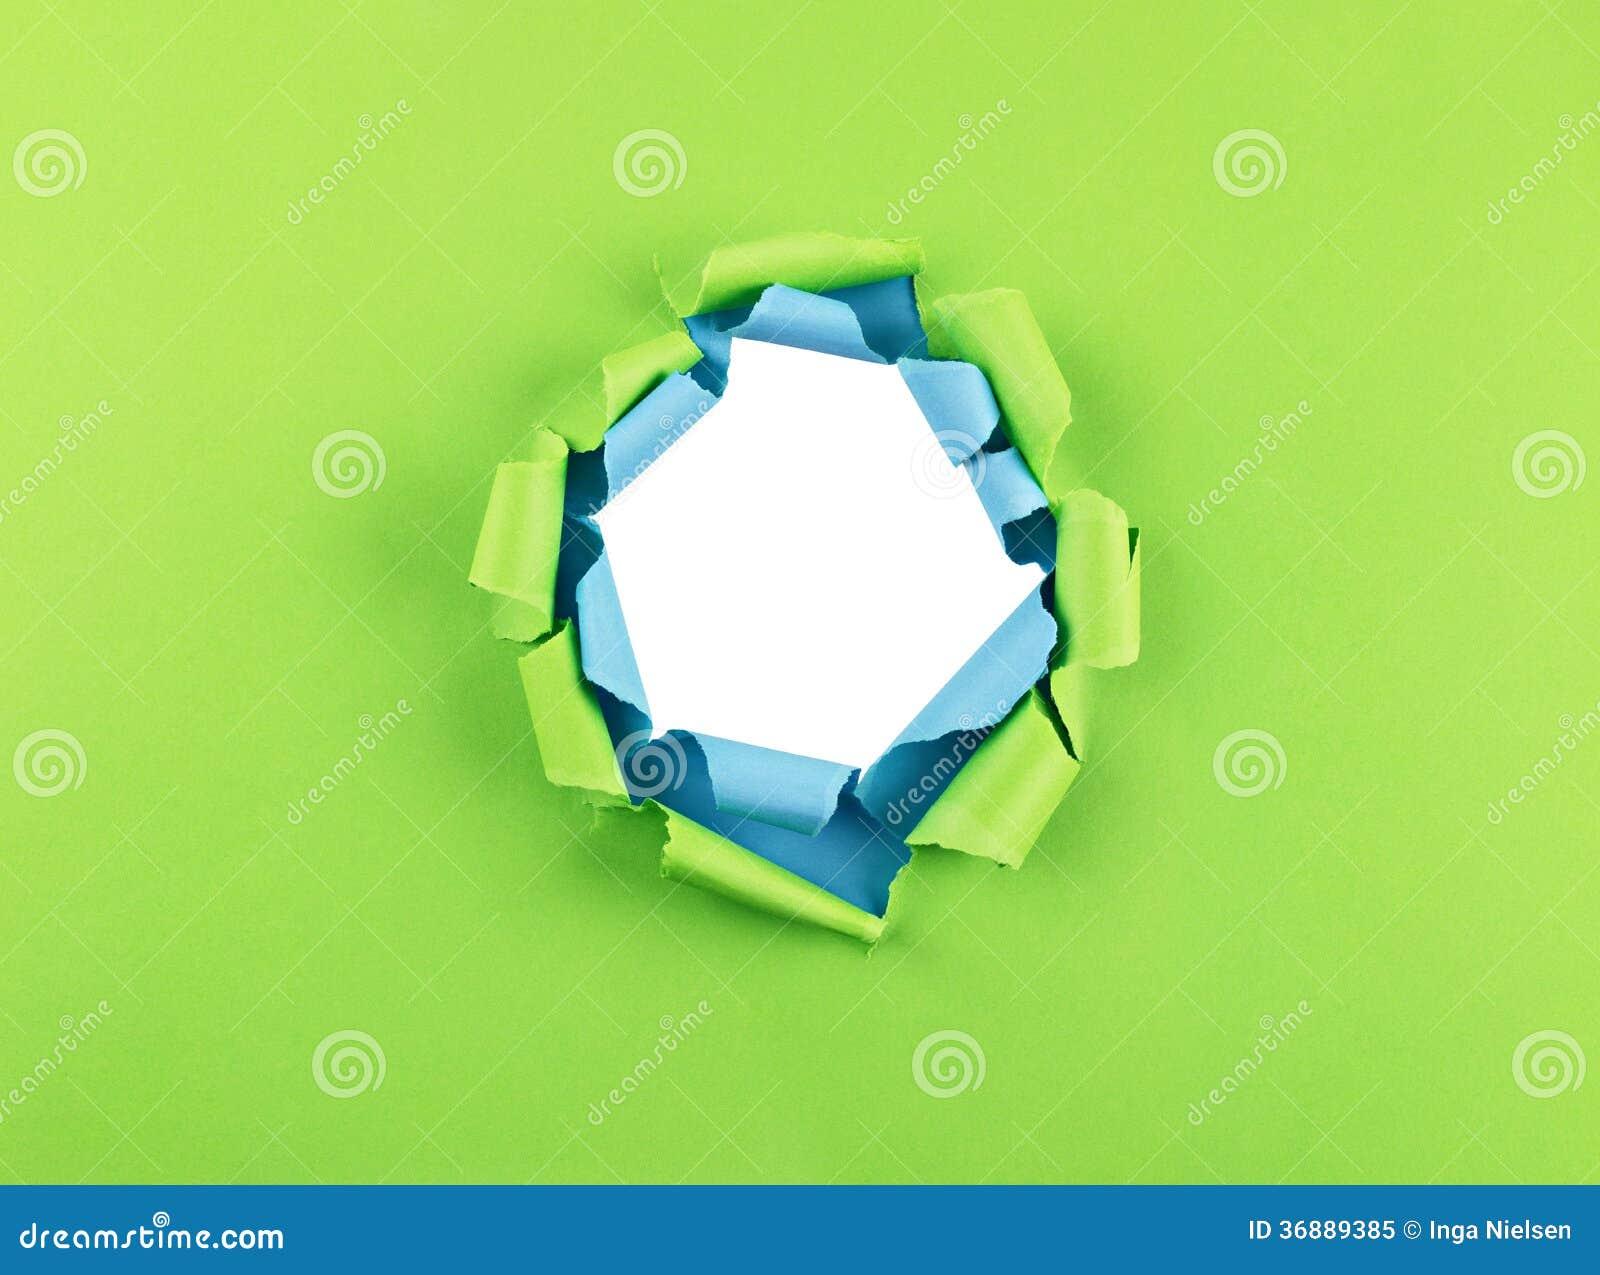 Download Foro in carta verde e blu immagine stock. Immagine di arricciato - 36889385